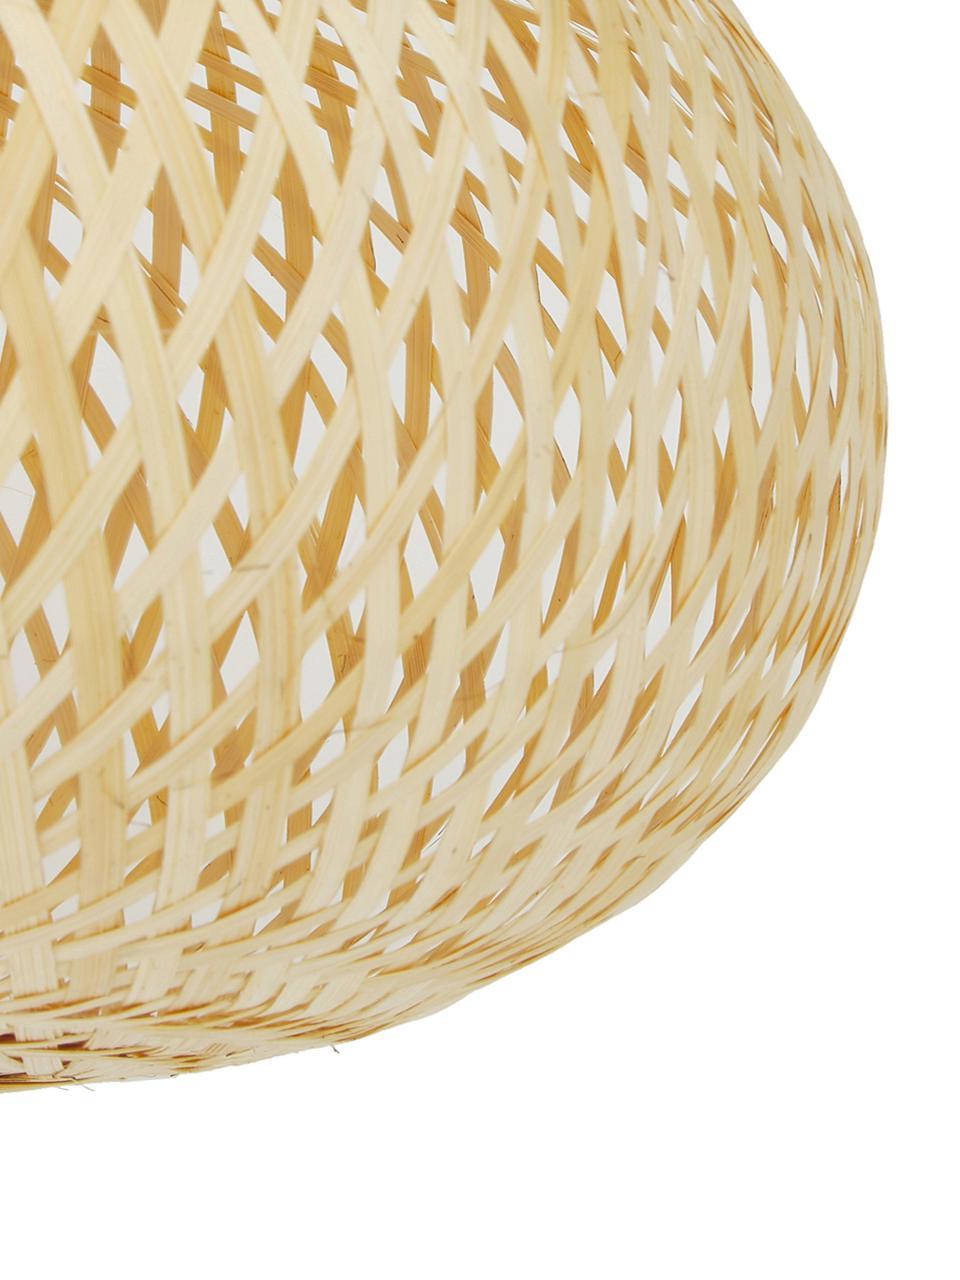 Plafoniera di design in bambù Evelyn, Paralume: bambù, Baldacchino: metallo verniciato a polv, Paralume: bambù Baldacchino e montatura: beige opaco, Ø 50 x Alt. 20 cm